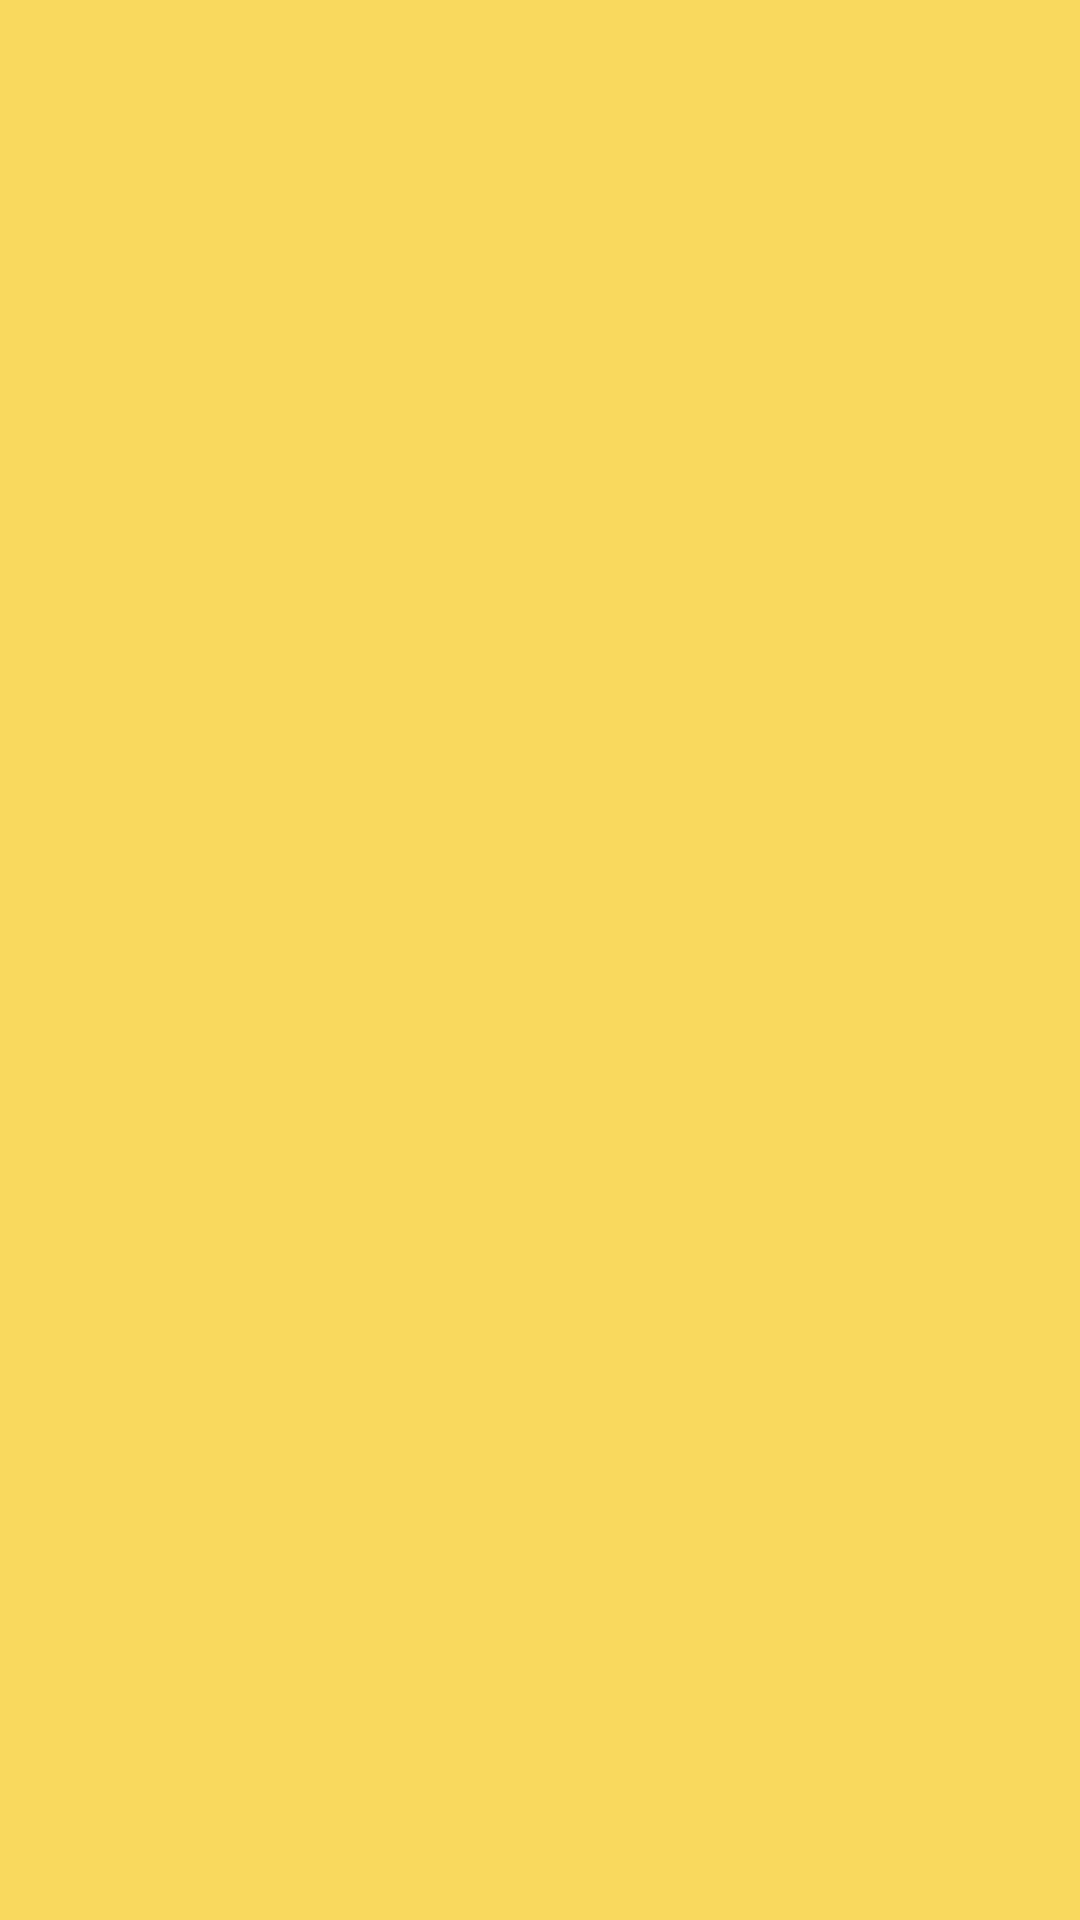 1080x1920 Stil De Grain Yellow Solid Color Background